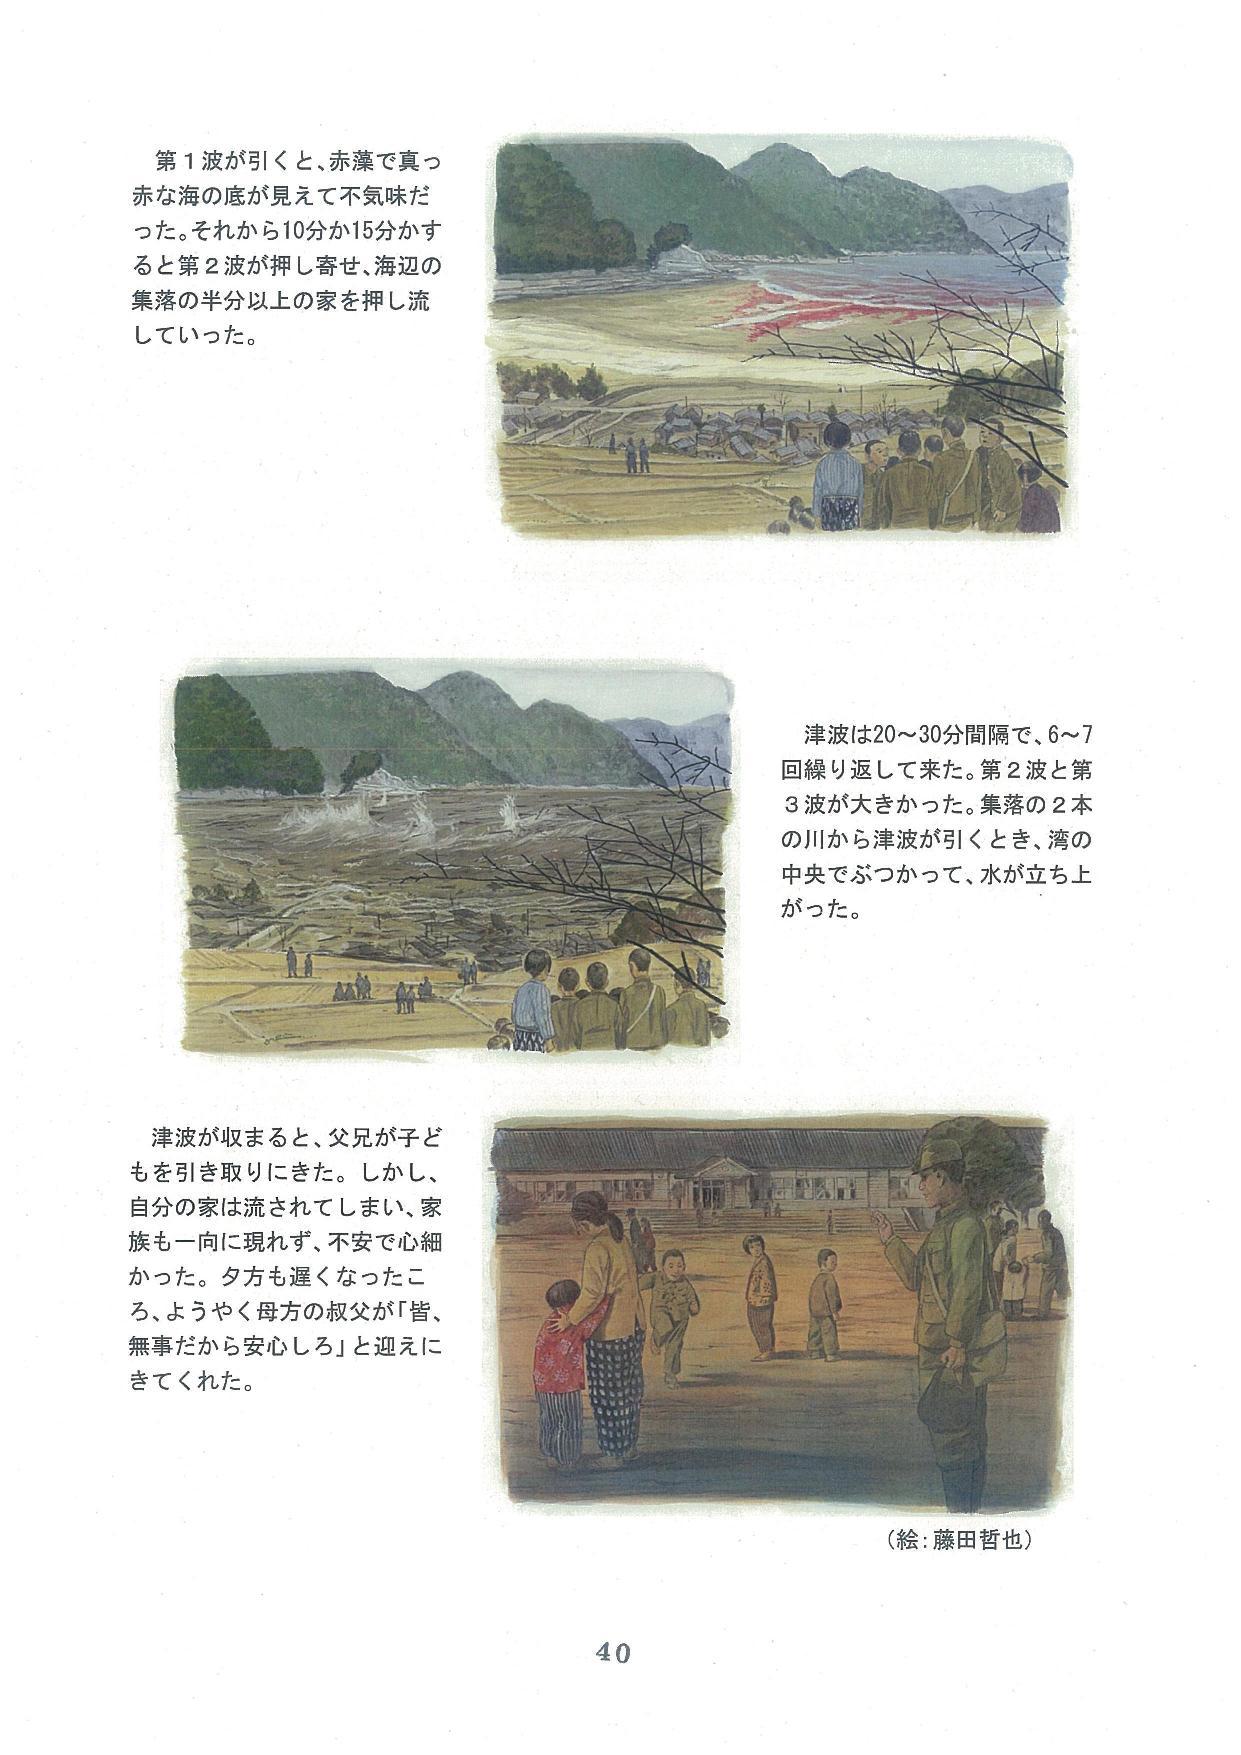 20171208-02_ページ_40